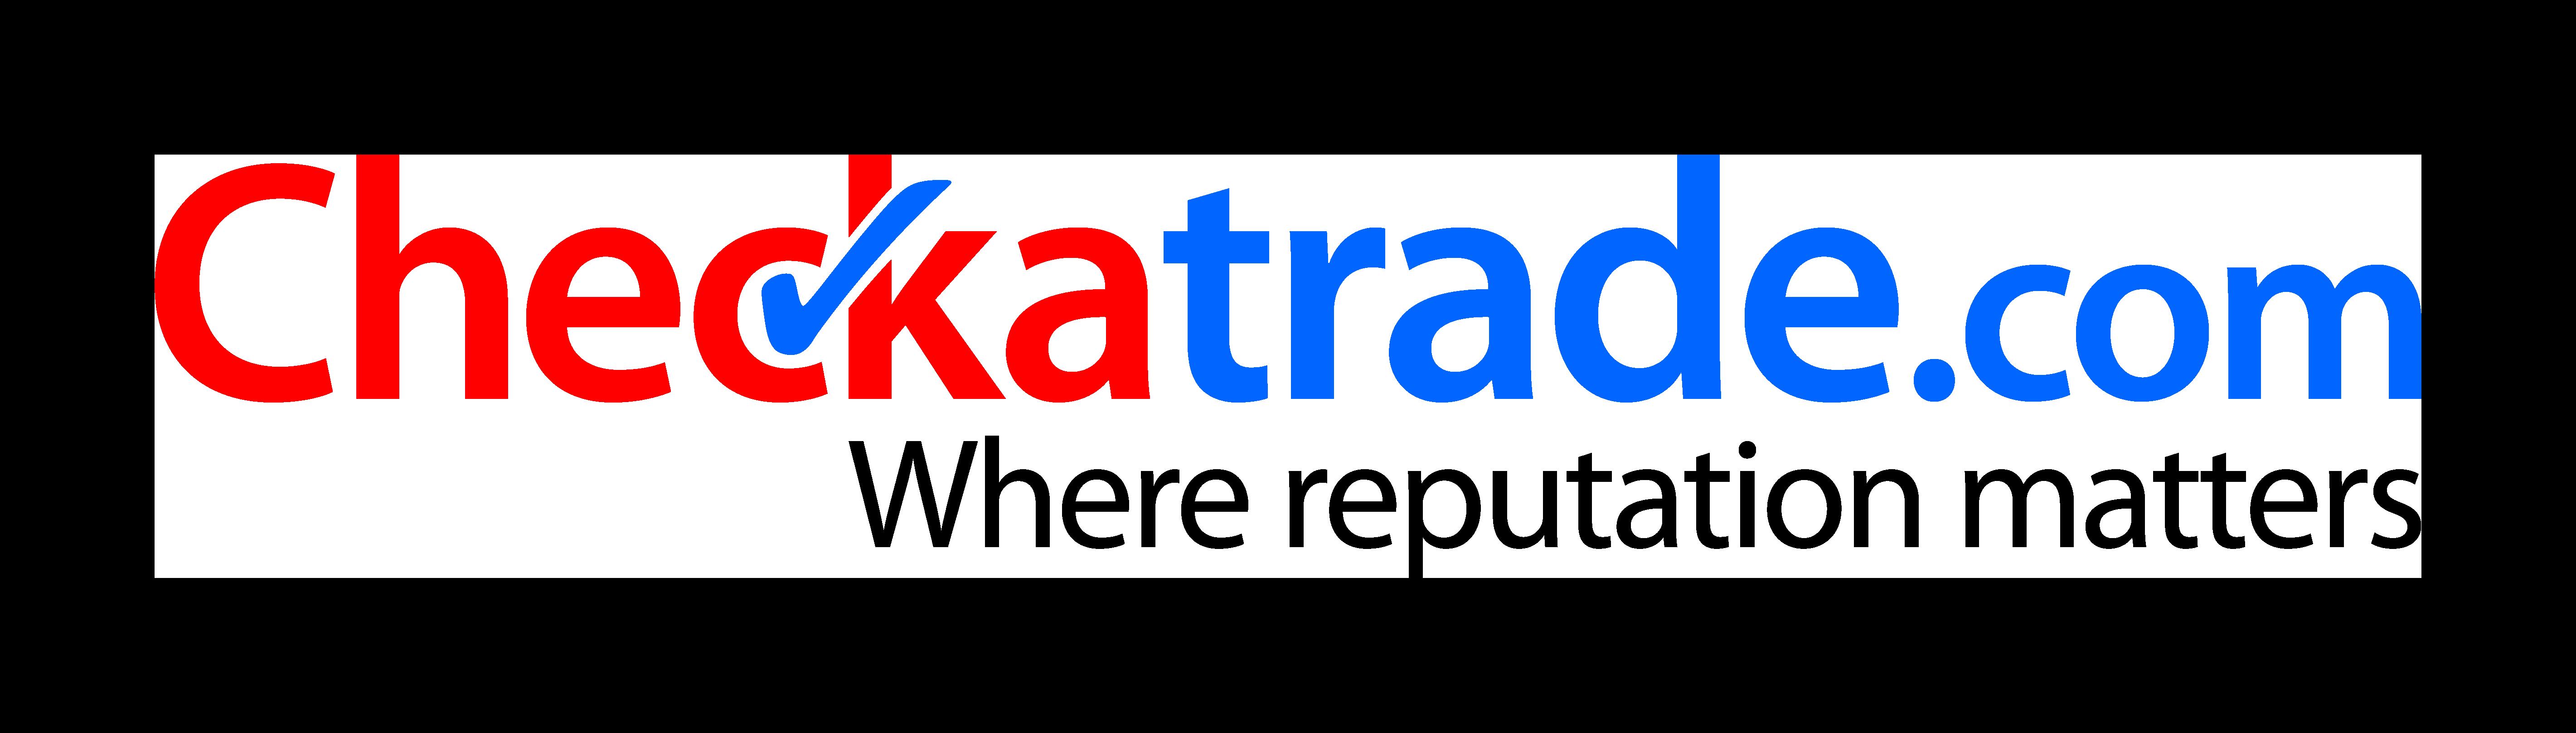 Checkatrade.com image